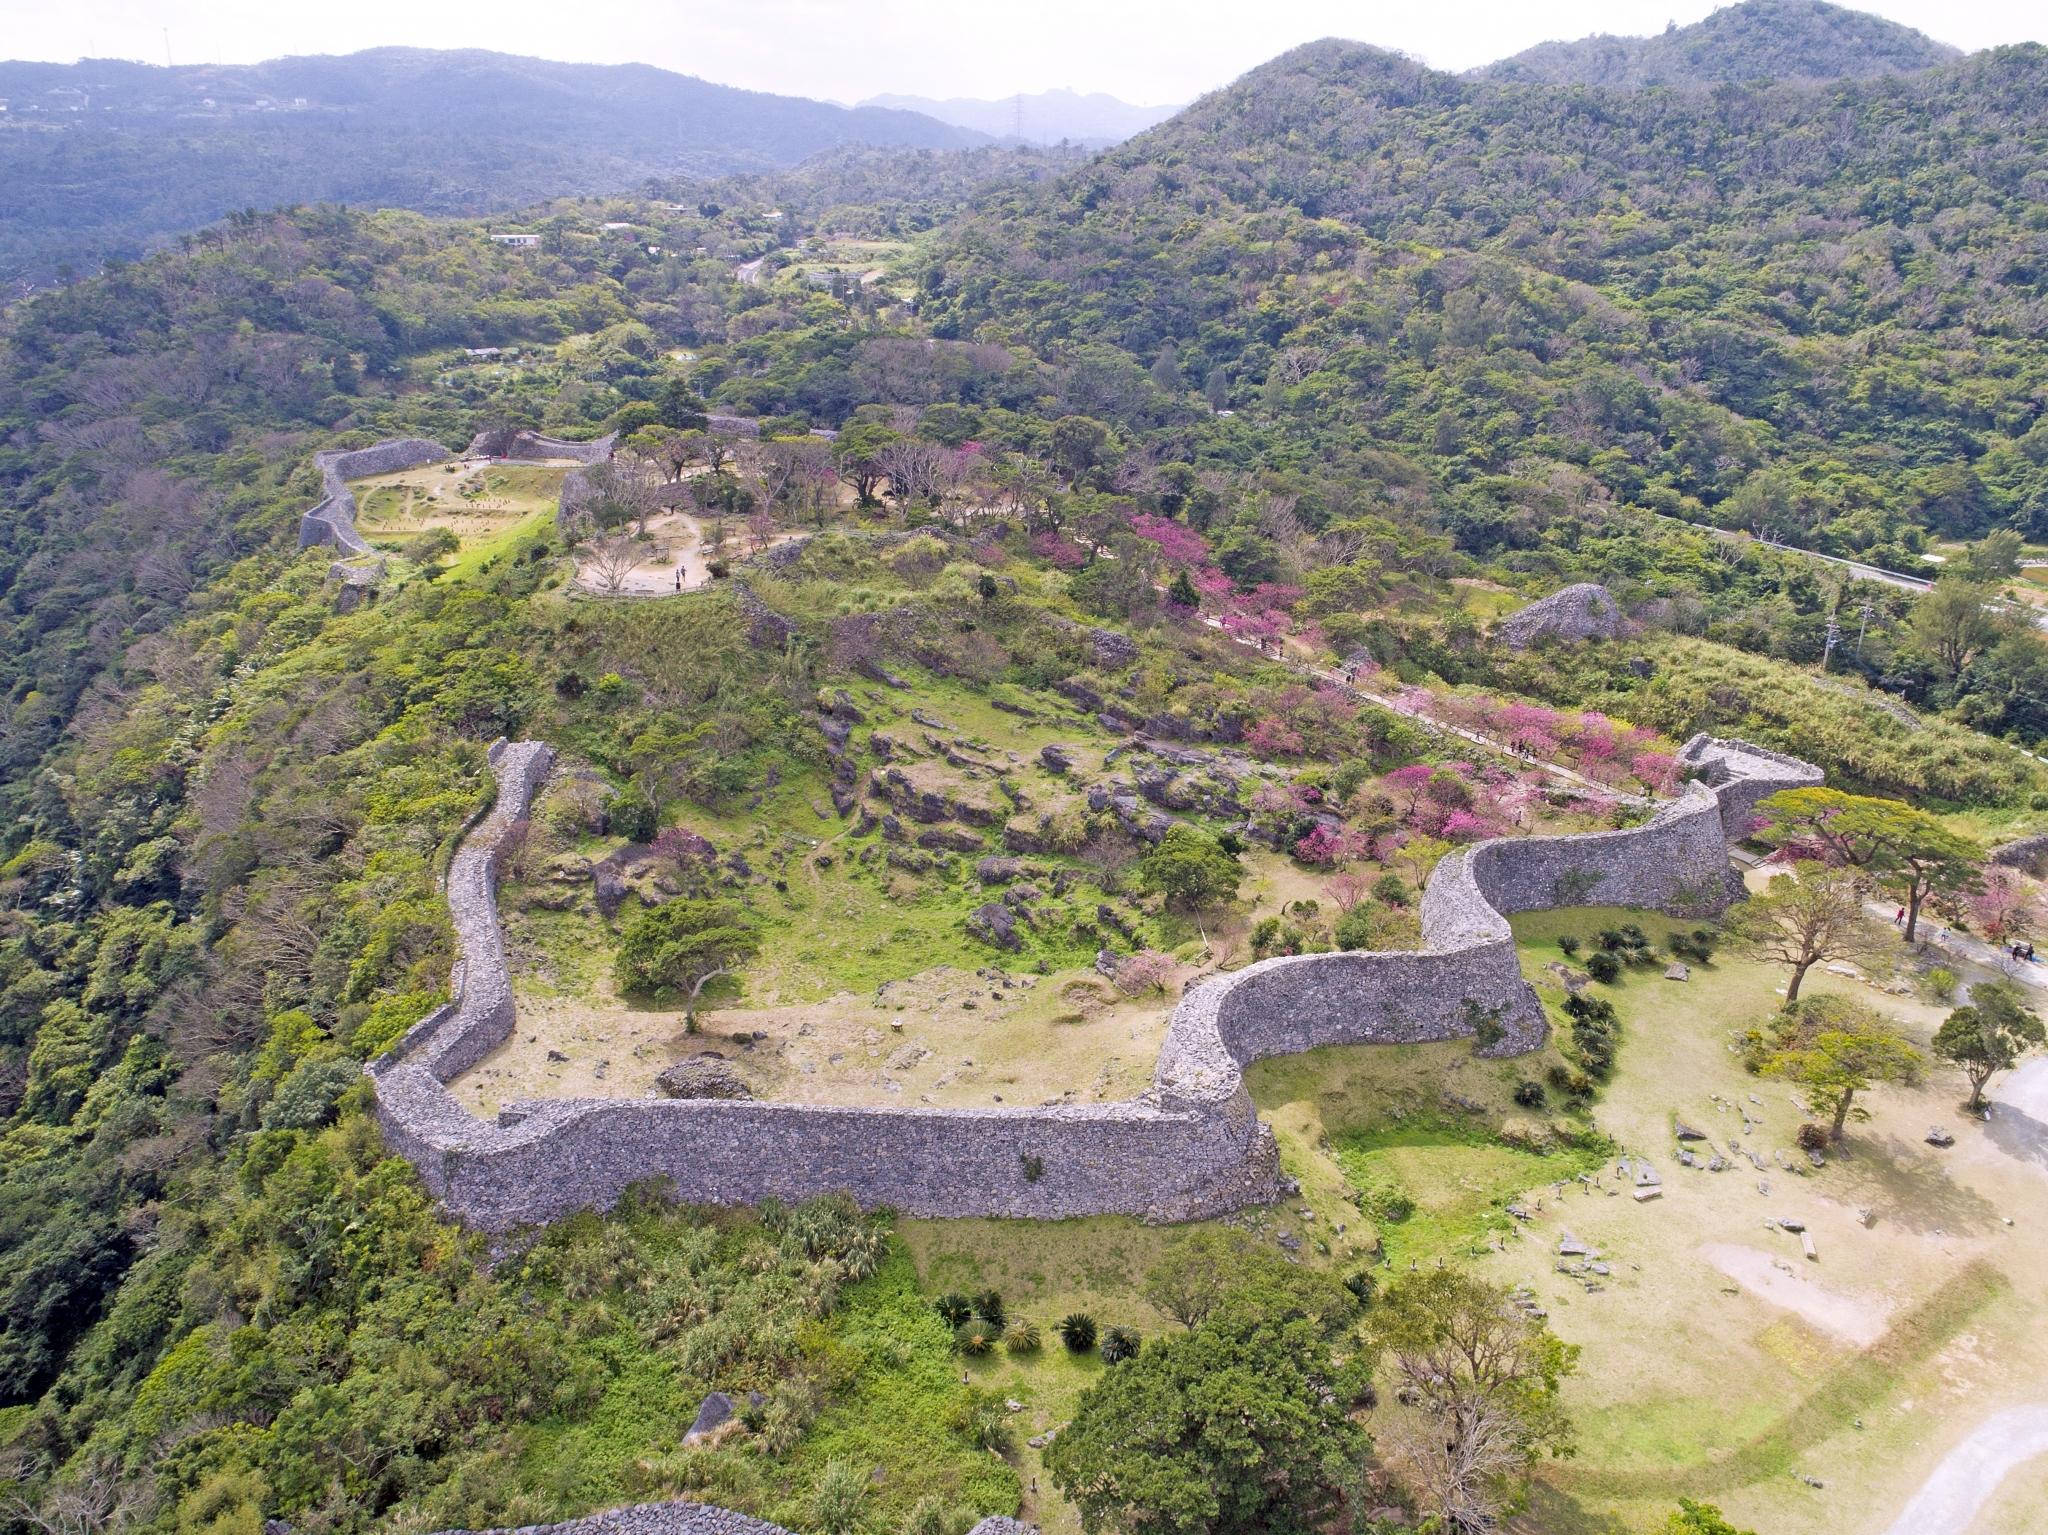 voyage japon okinawa nakijin château ruines site historique UNESCO muraille mer de Chine cerisiers sakura point de vue